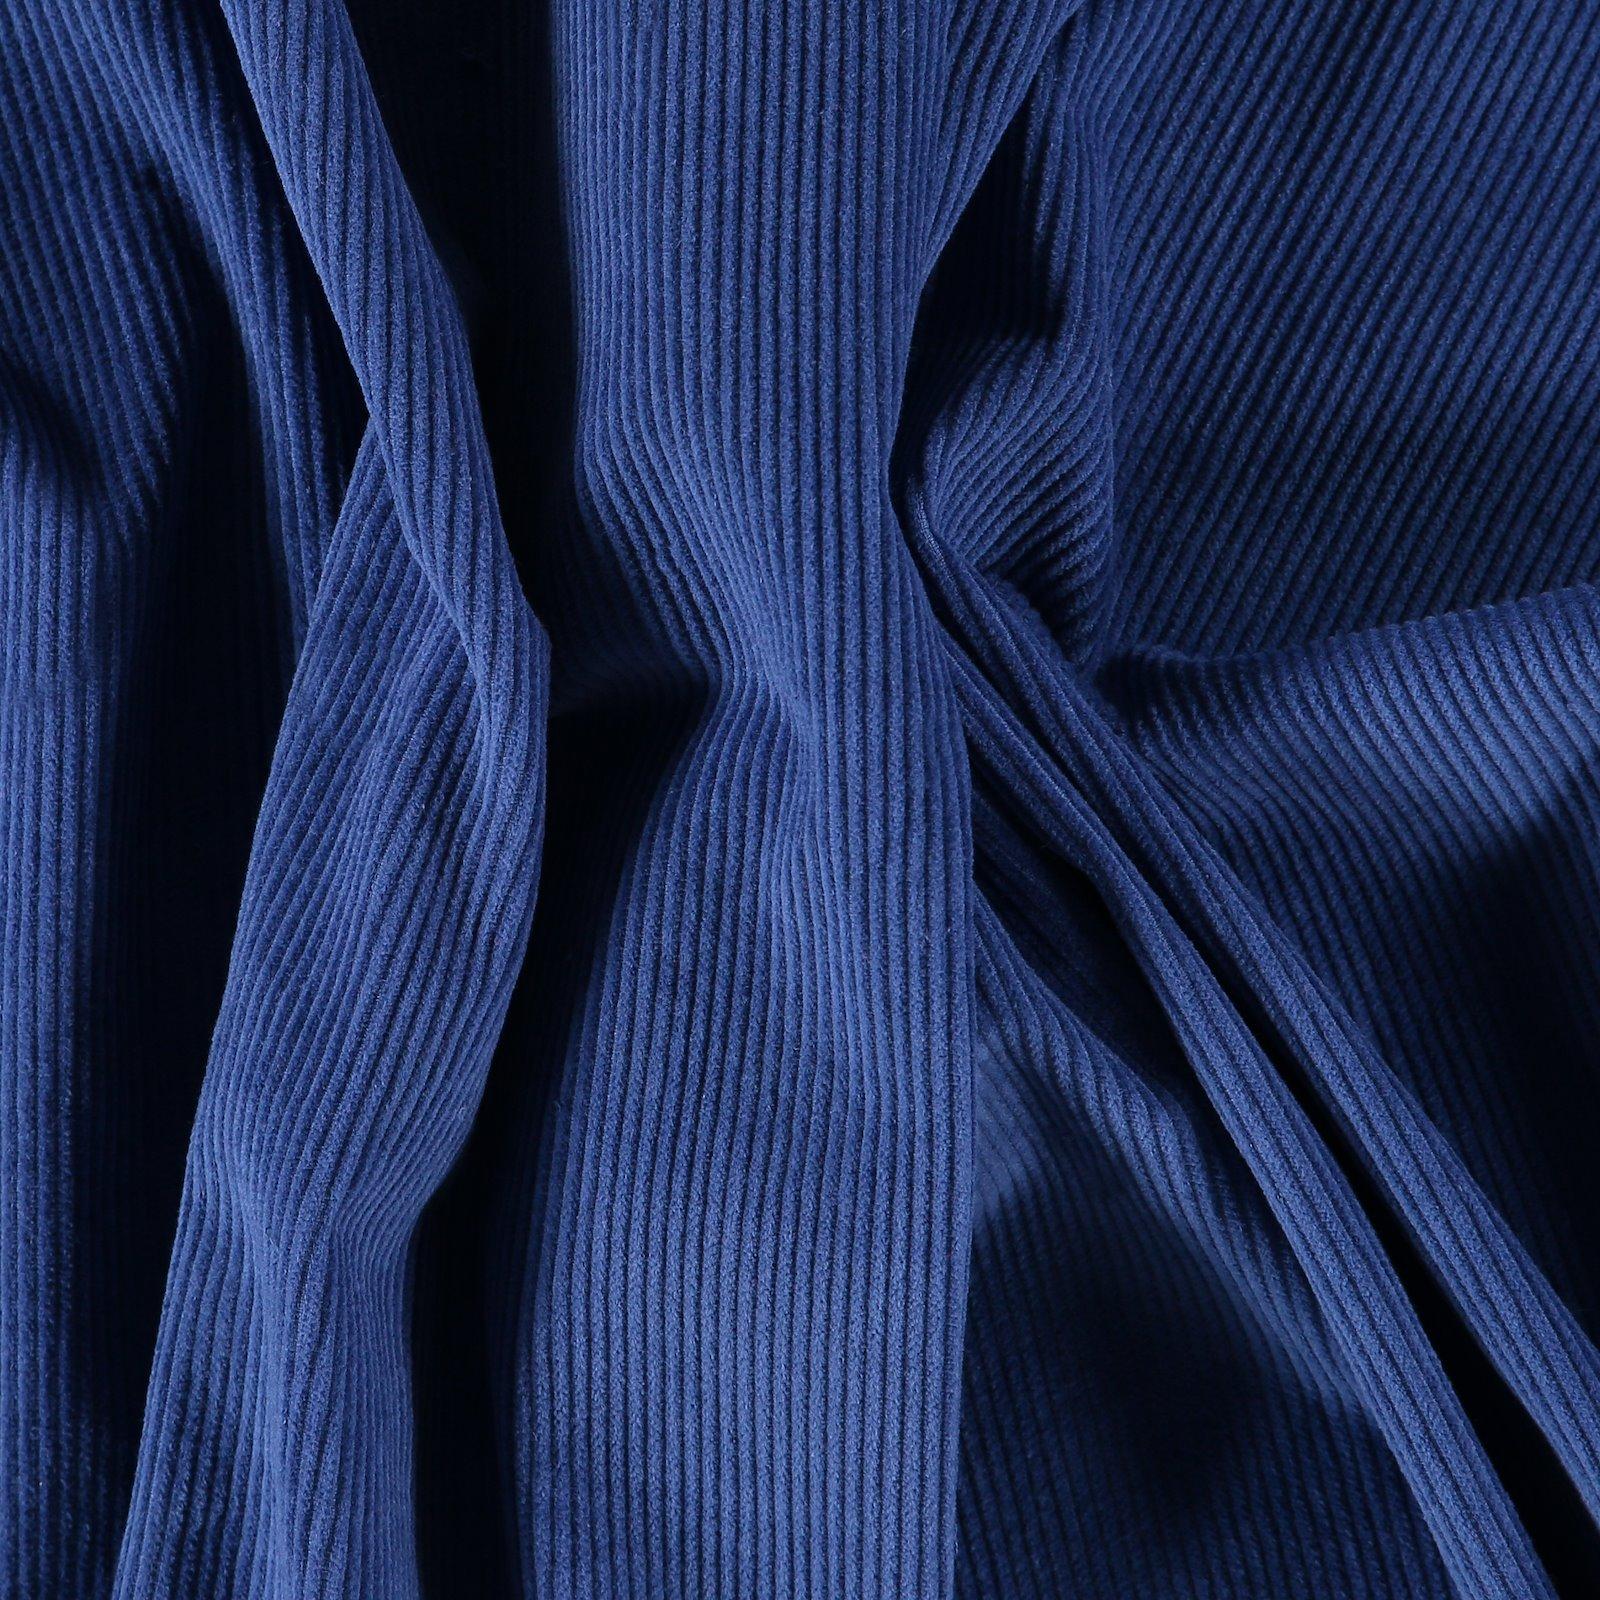 Corduroy 8 wales dark cobalt blue 430820_pack